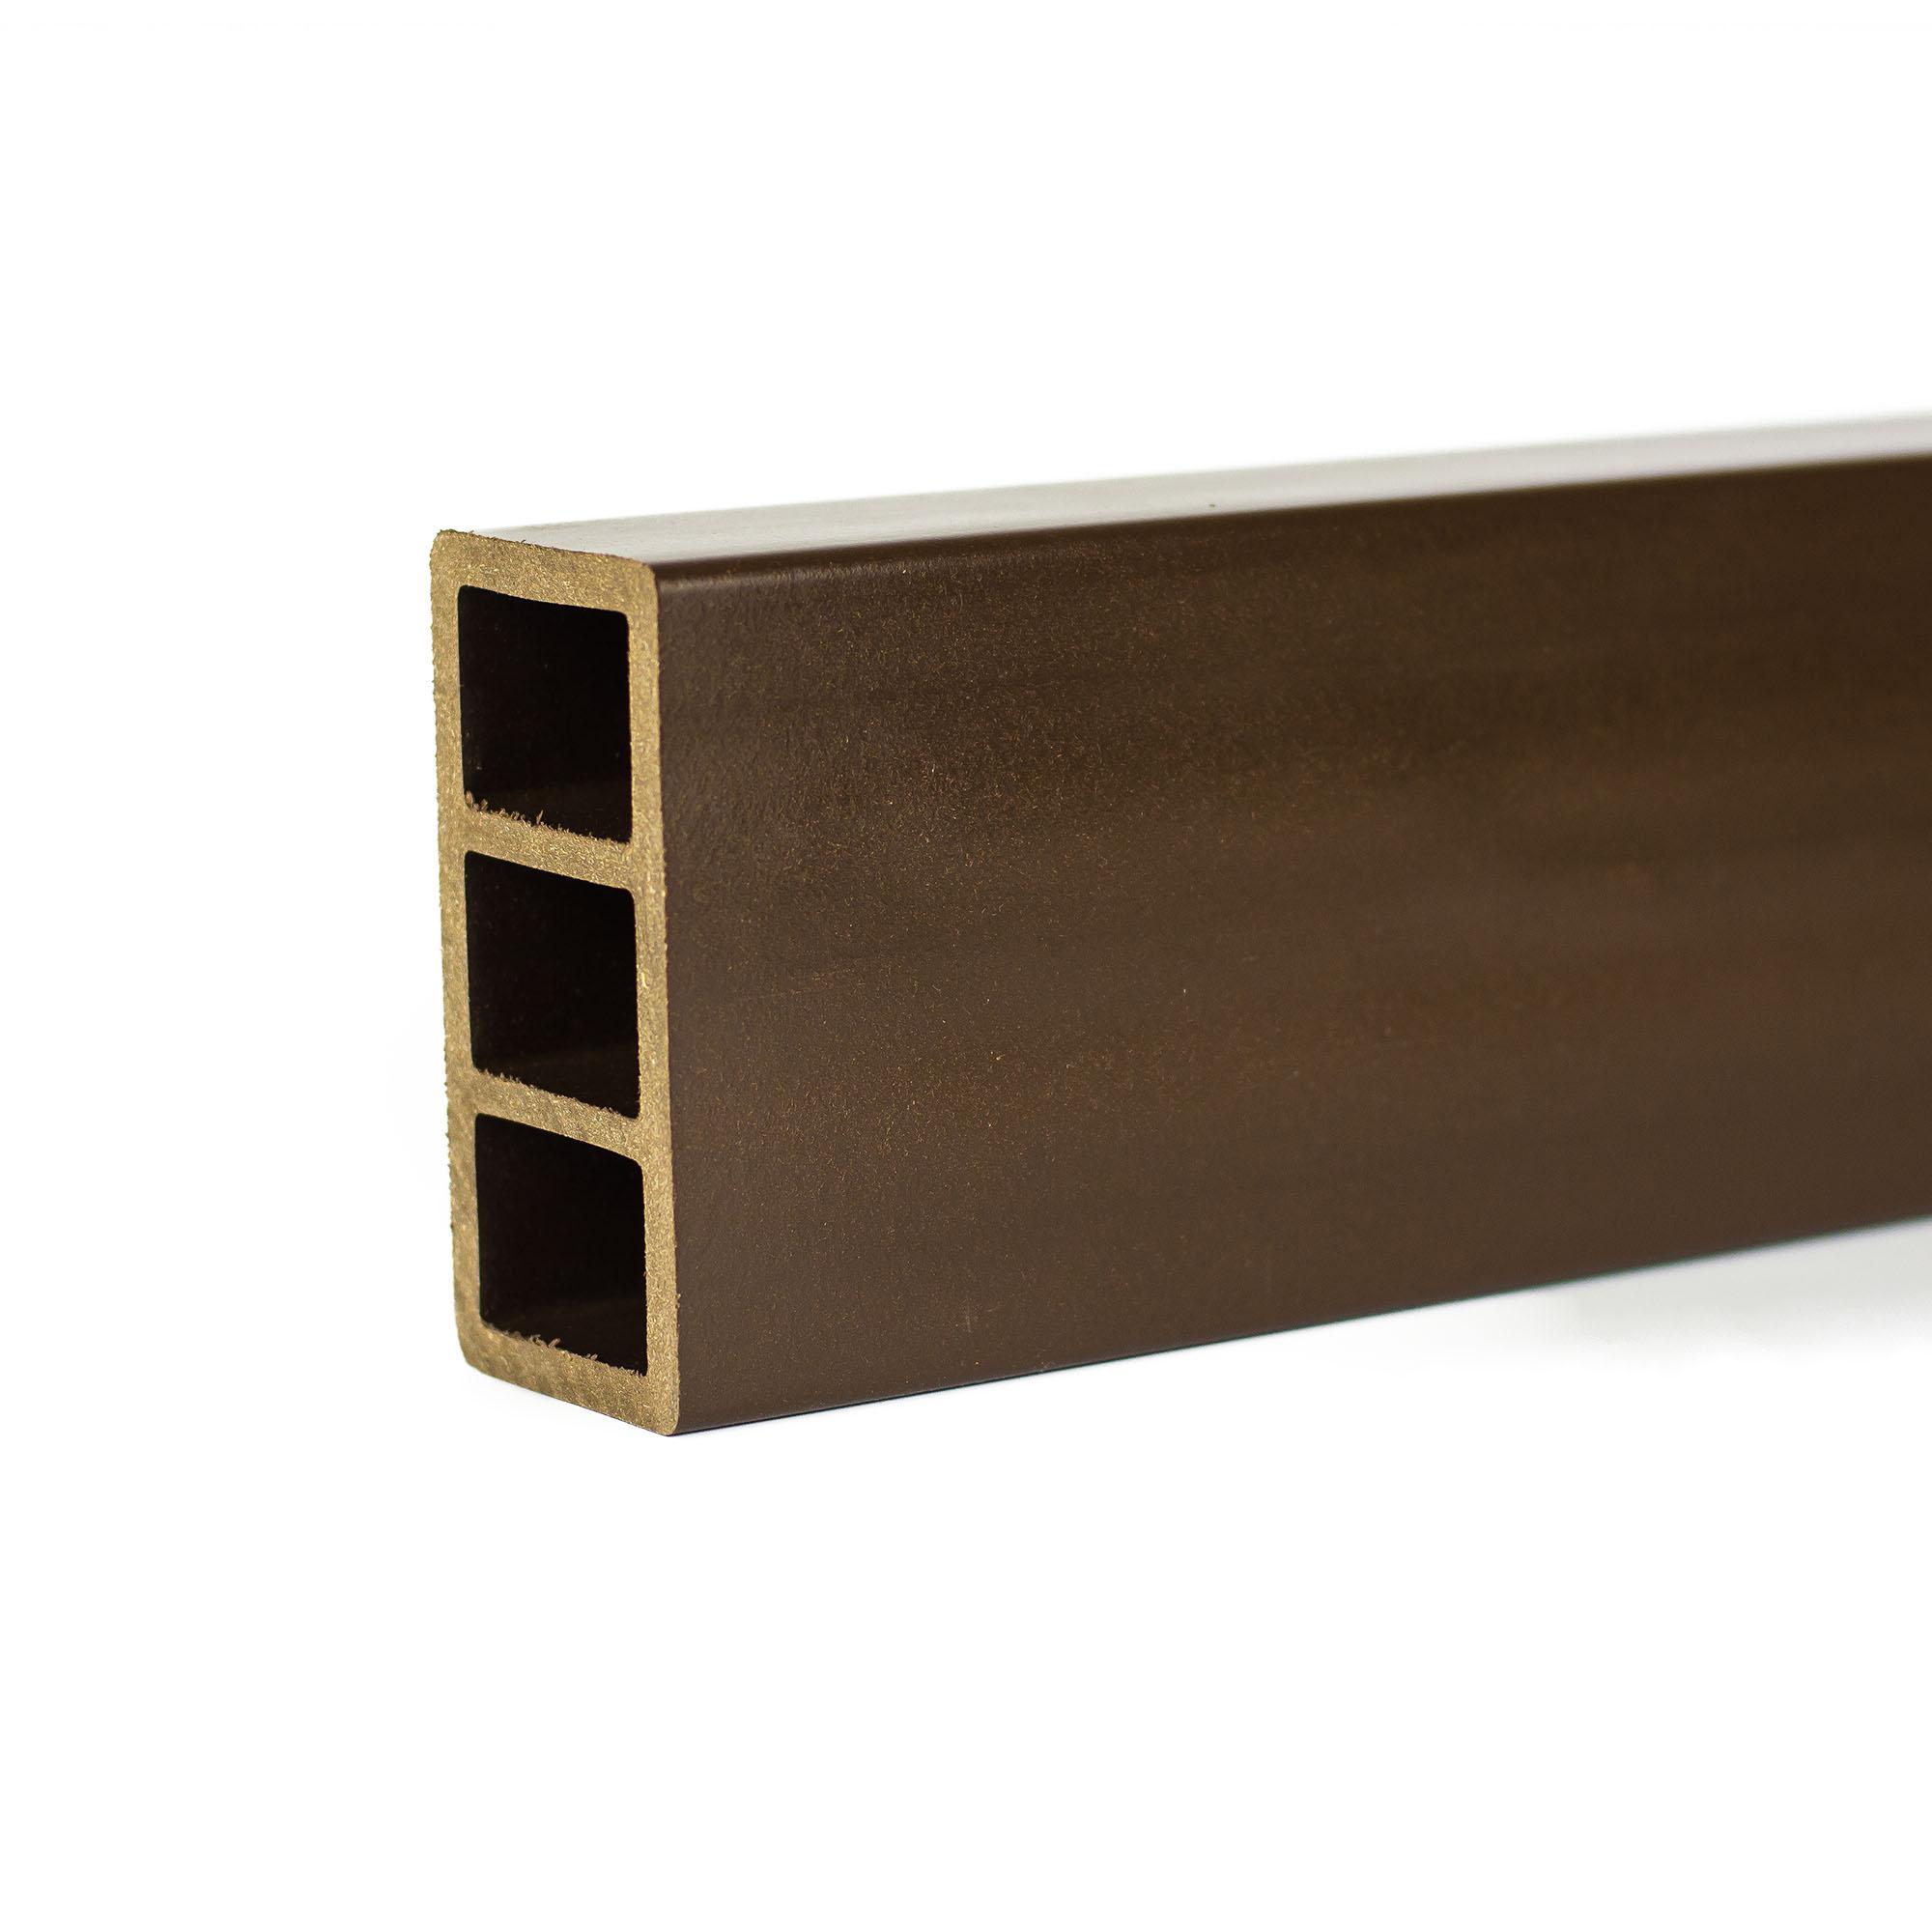 Grinda WPC Bencomp, wenge, 100 x 50 x 2000 mm